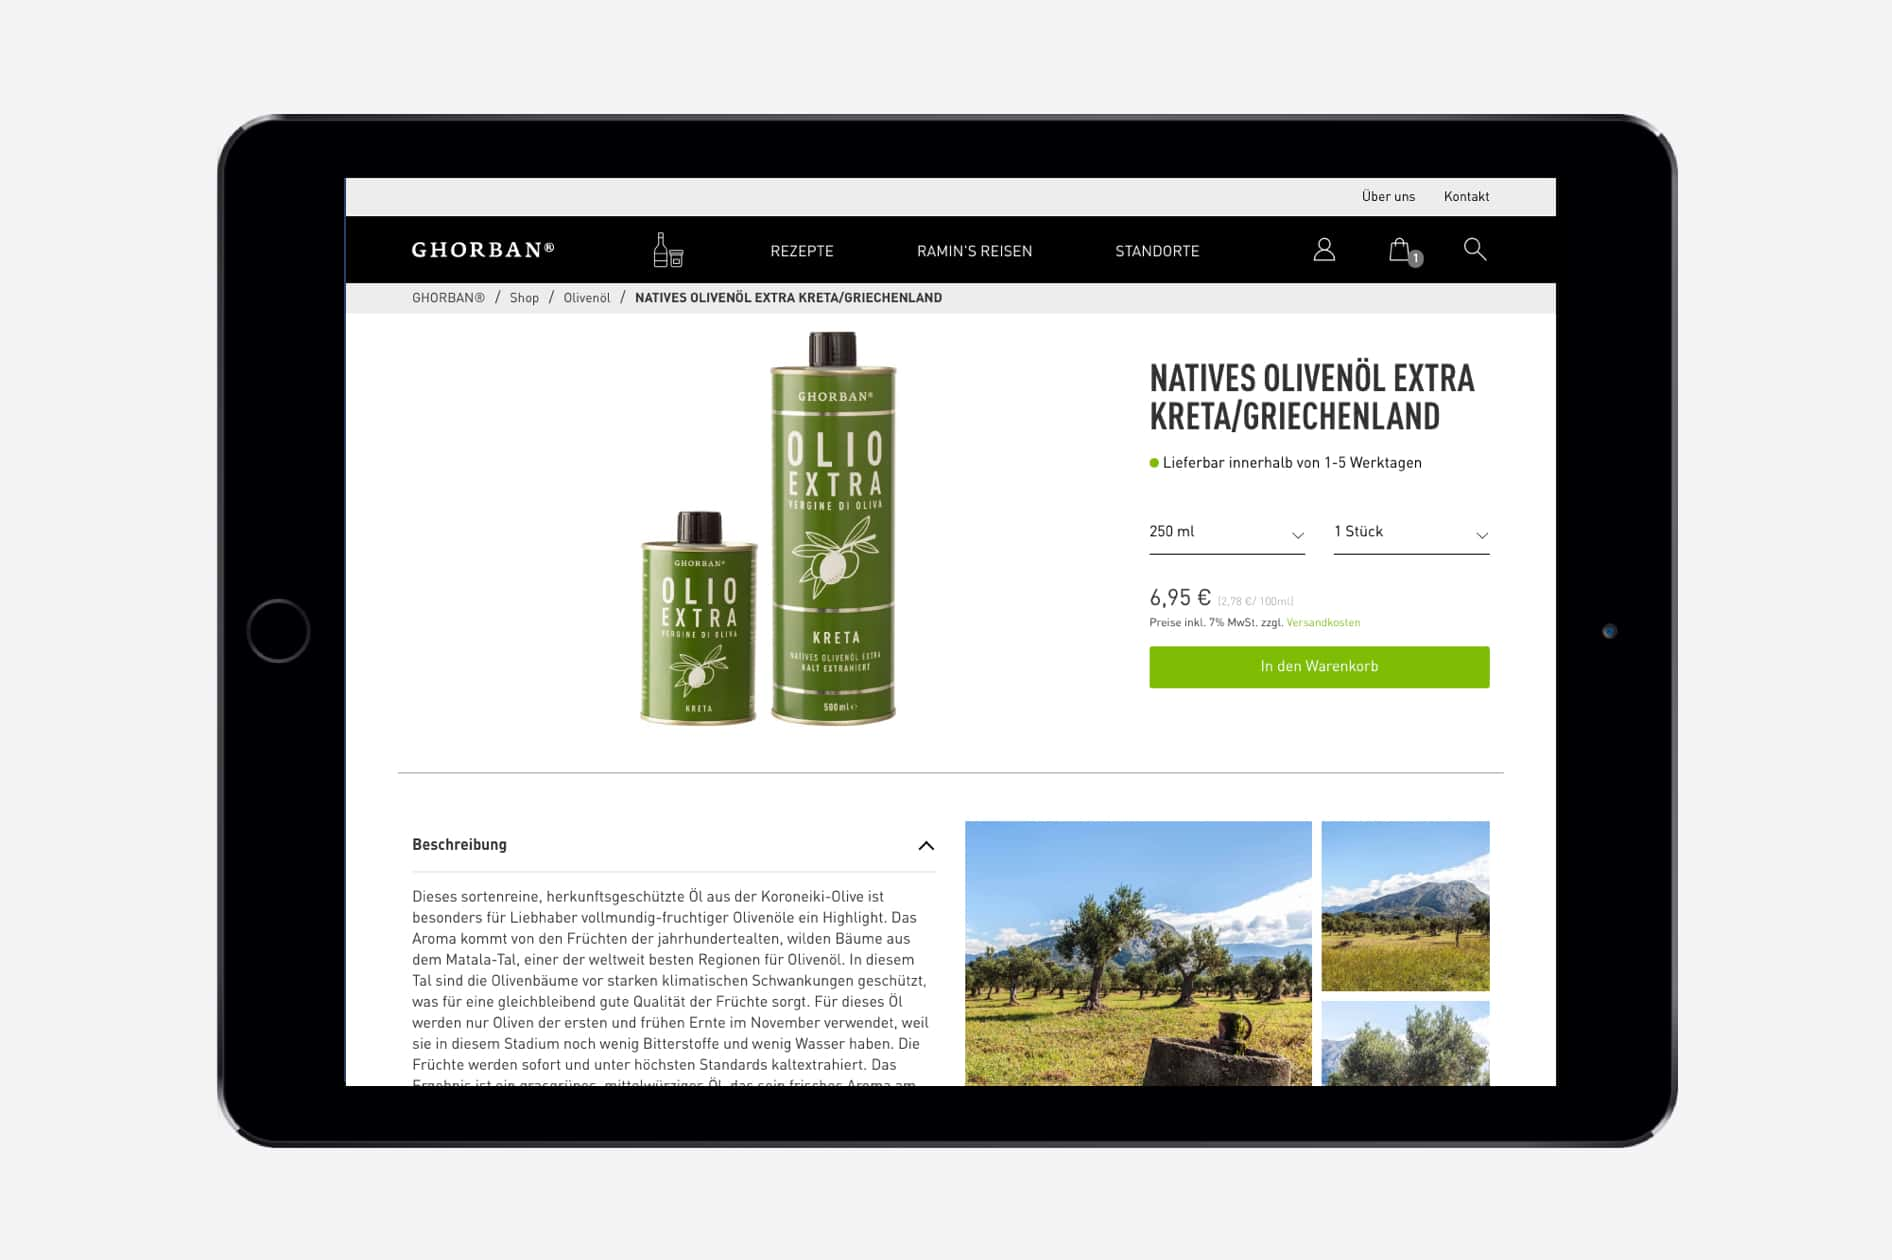 Ghorban - Produktseite auf Tablet